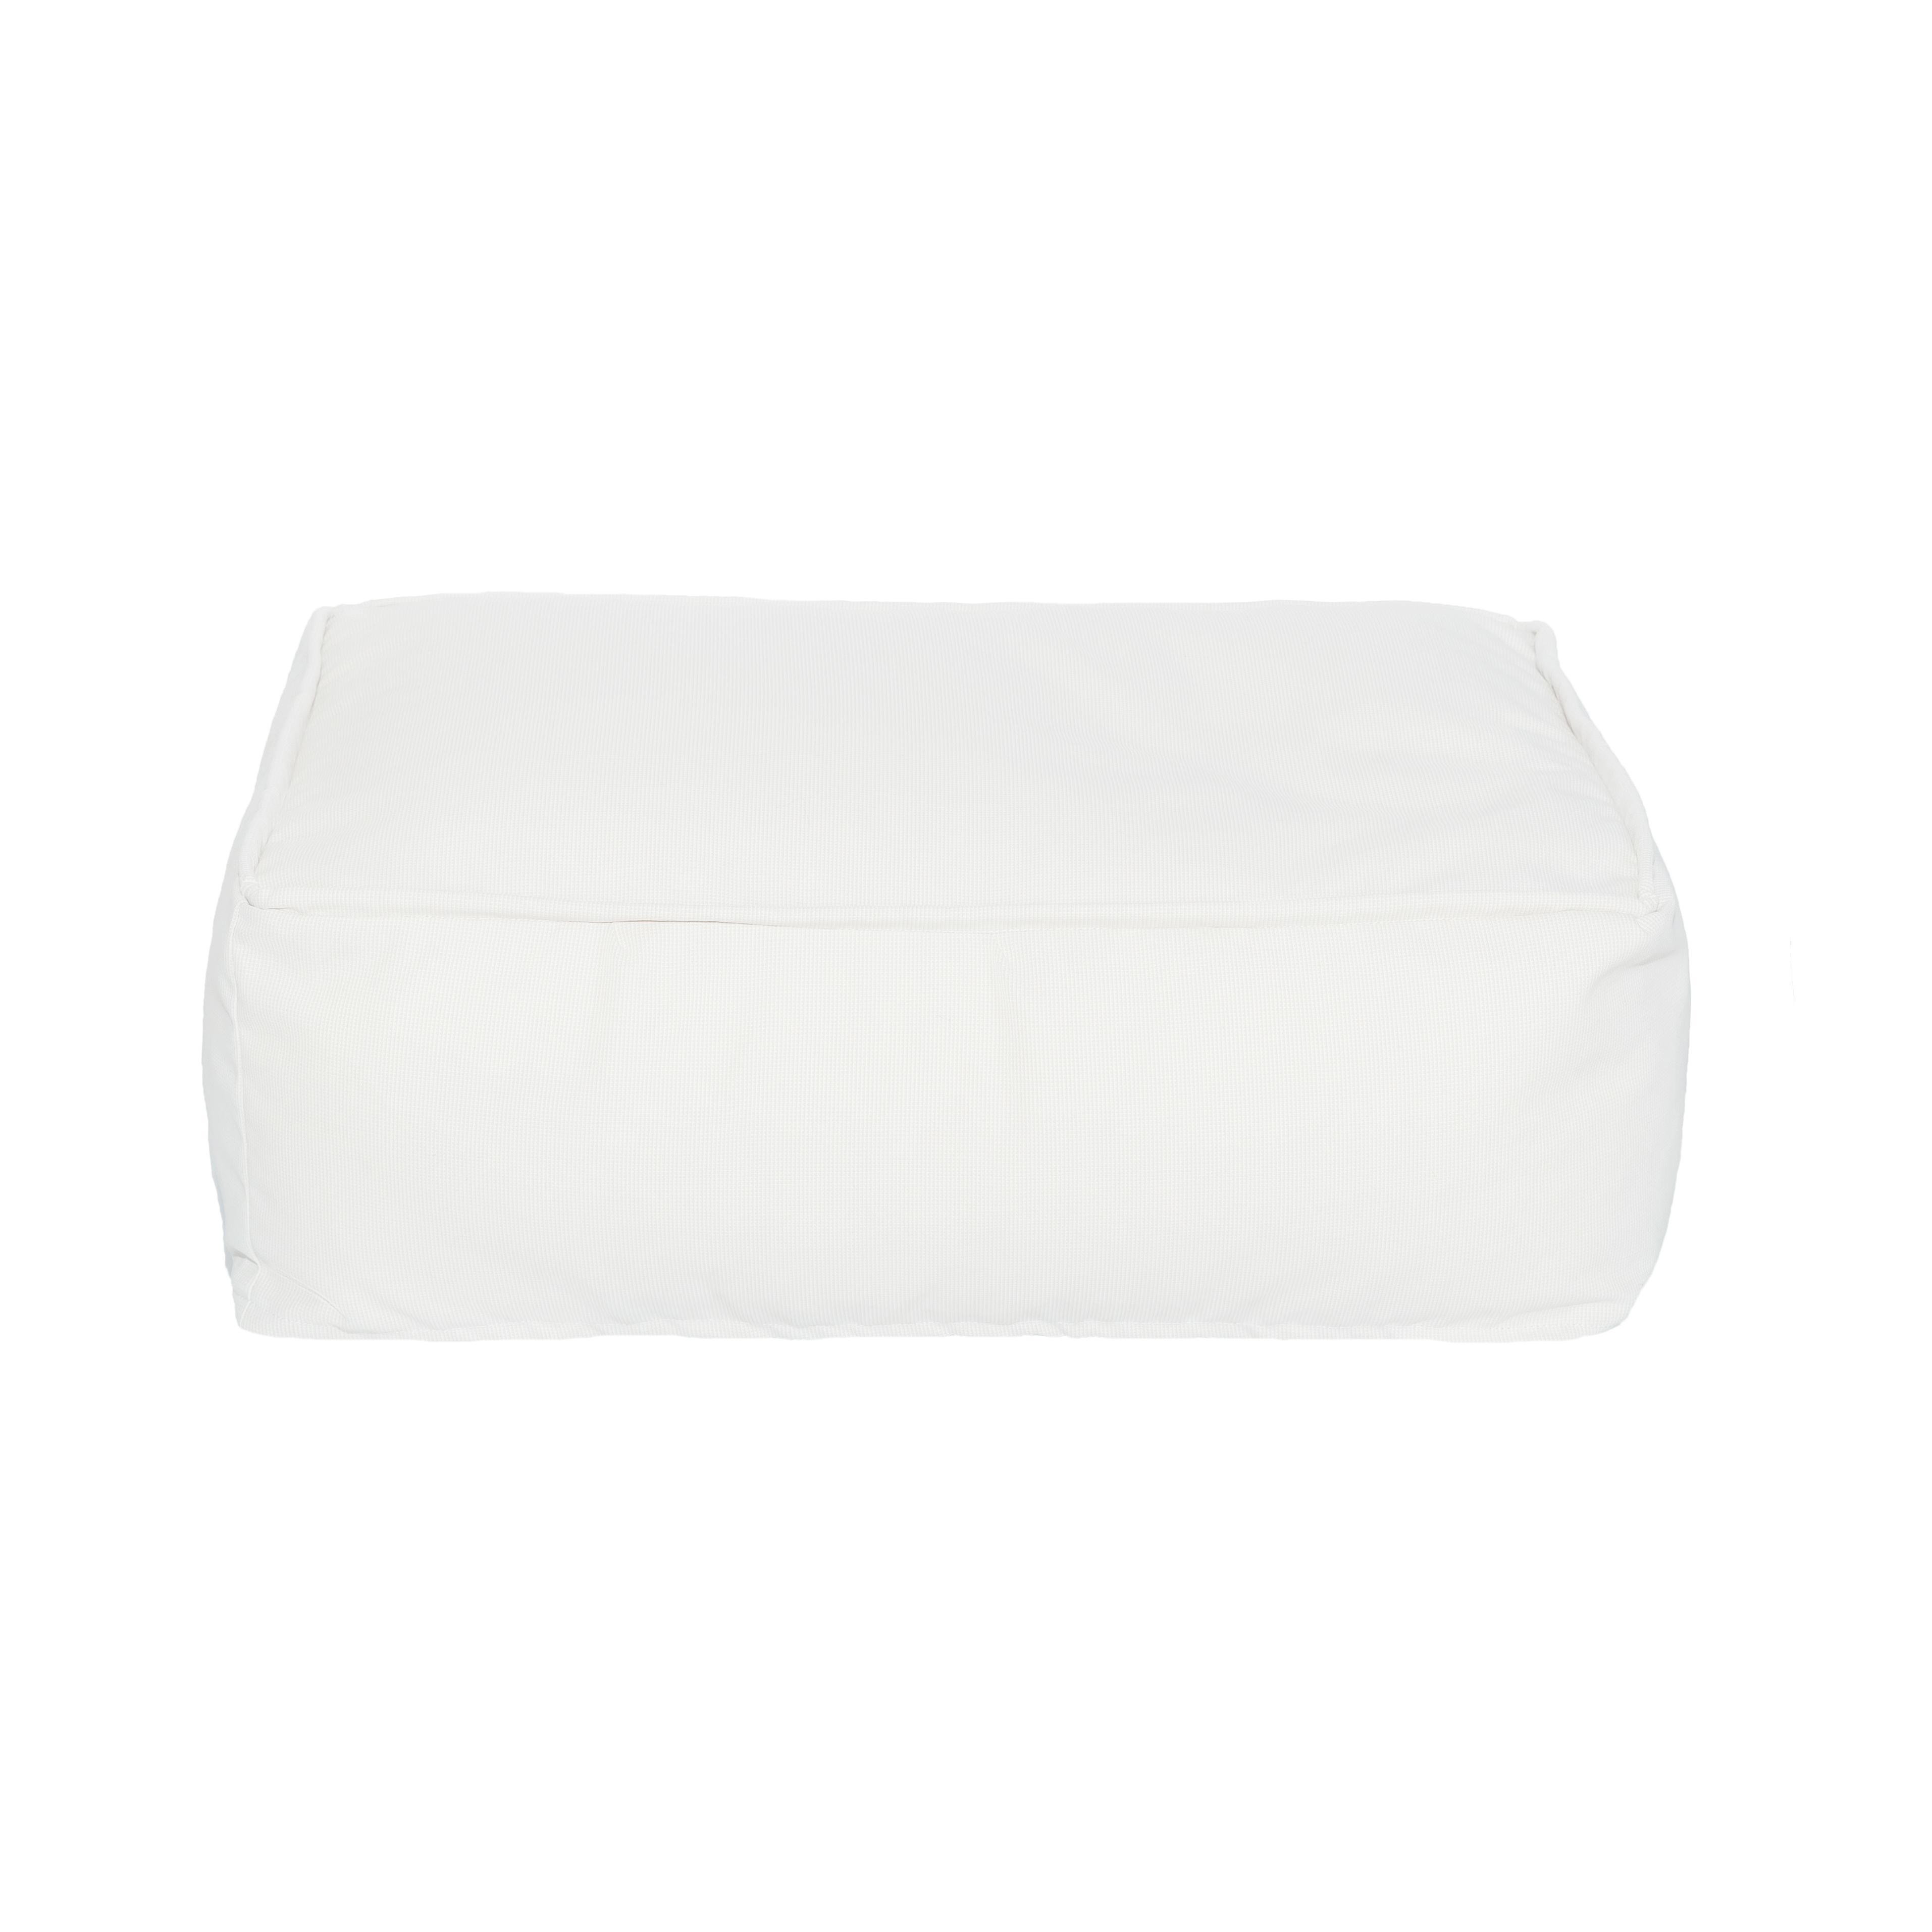 Coussin de sol extérieur blanc S